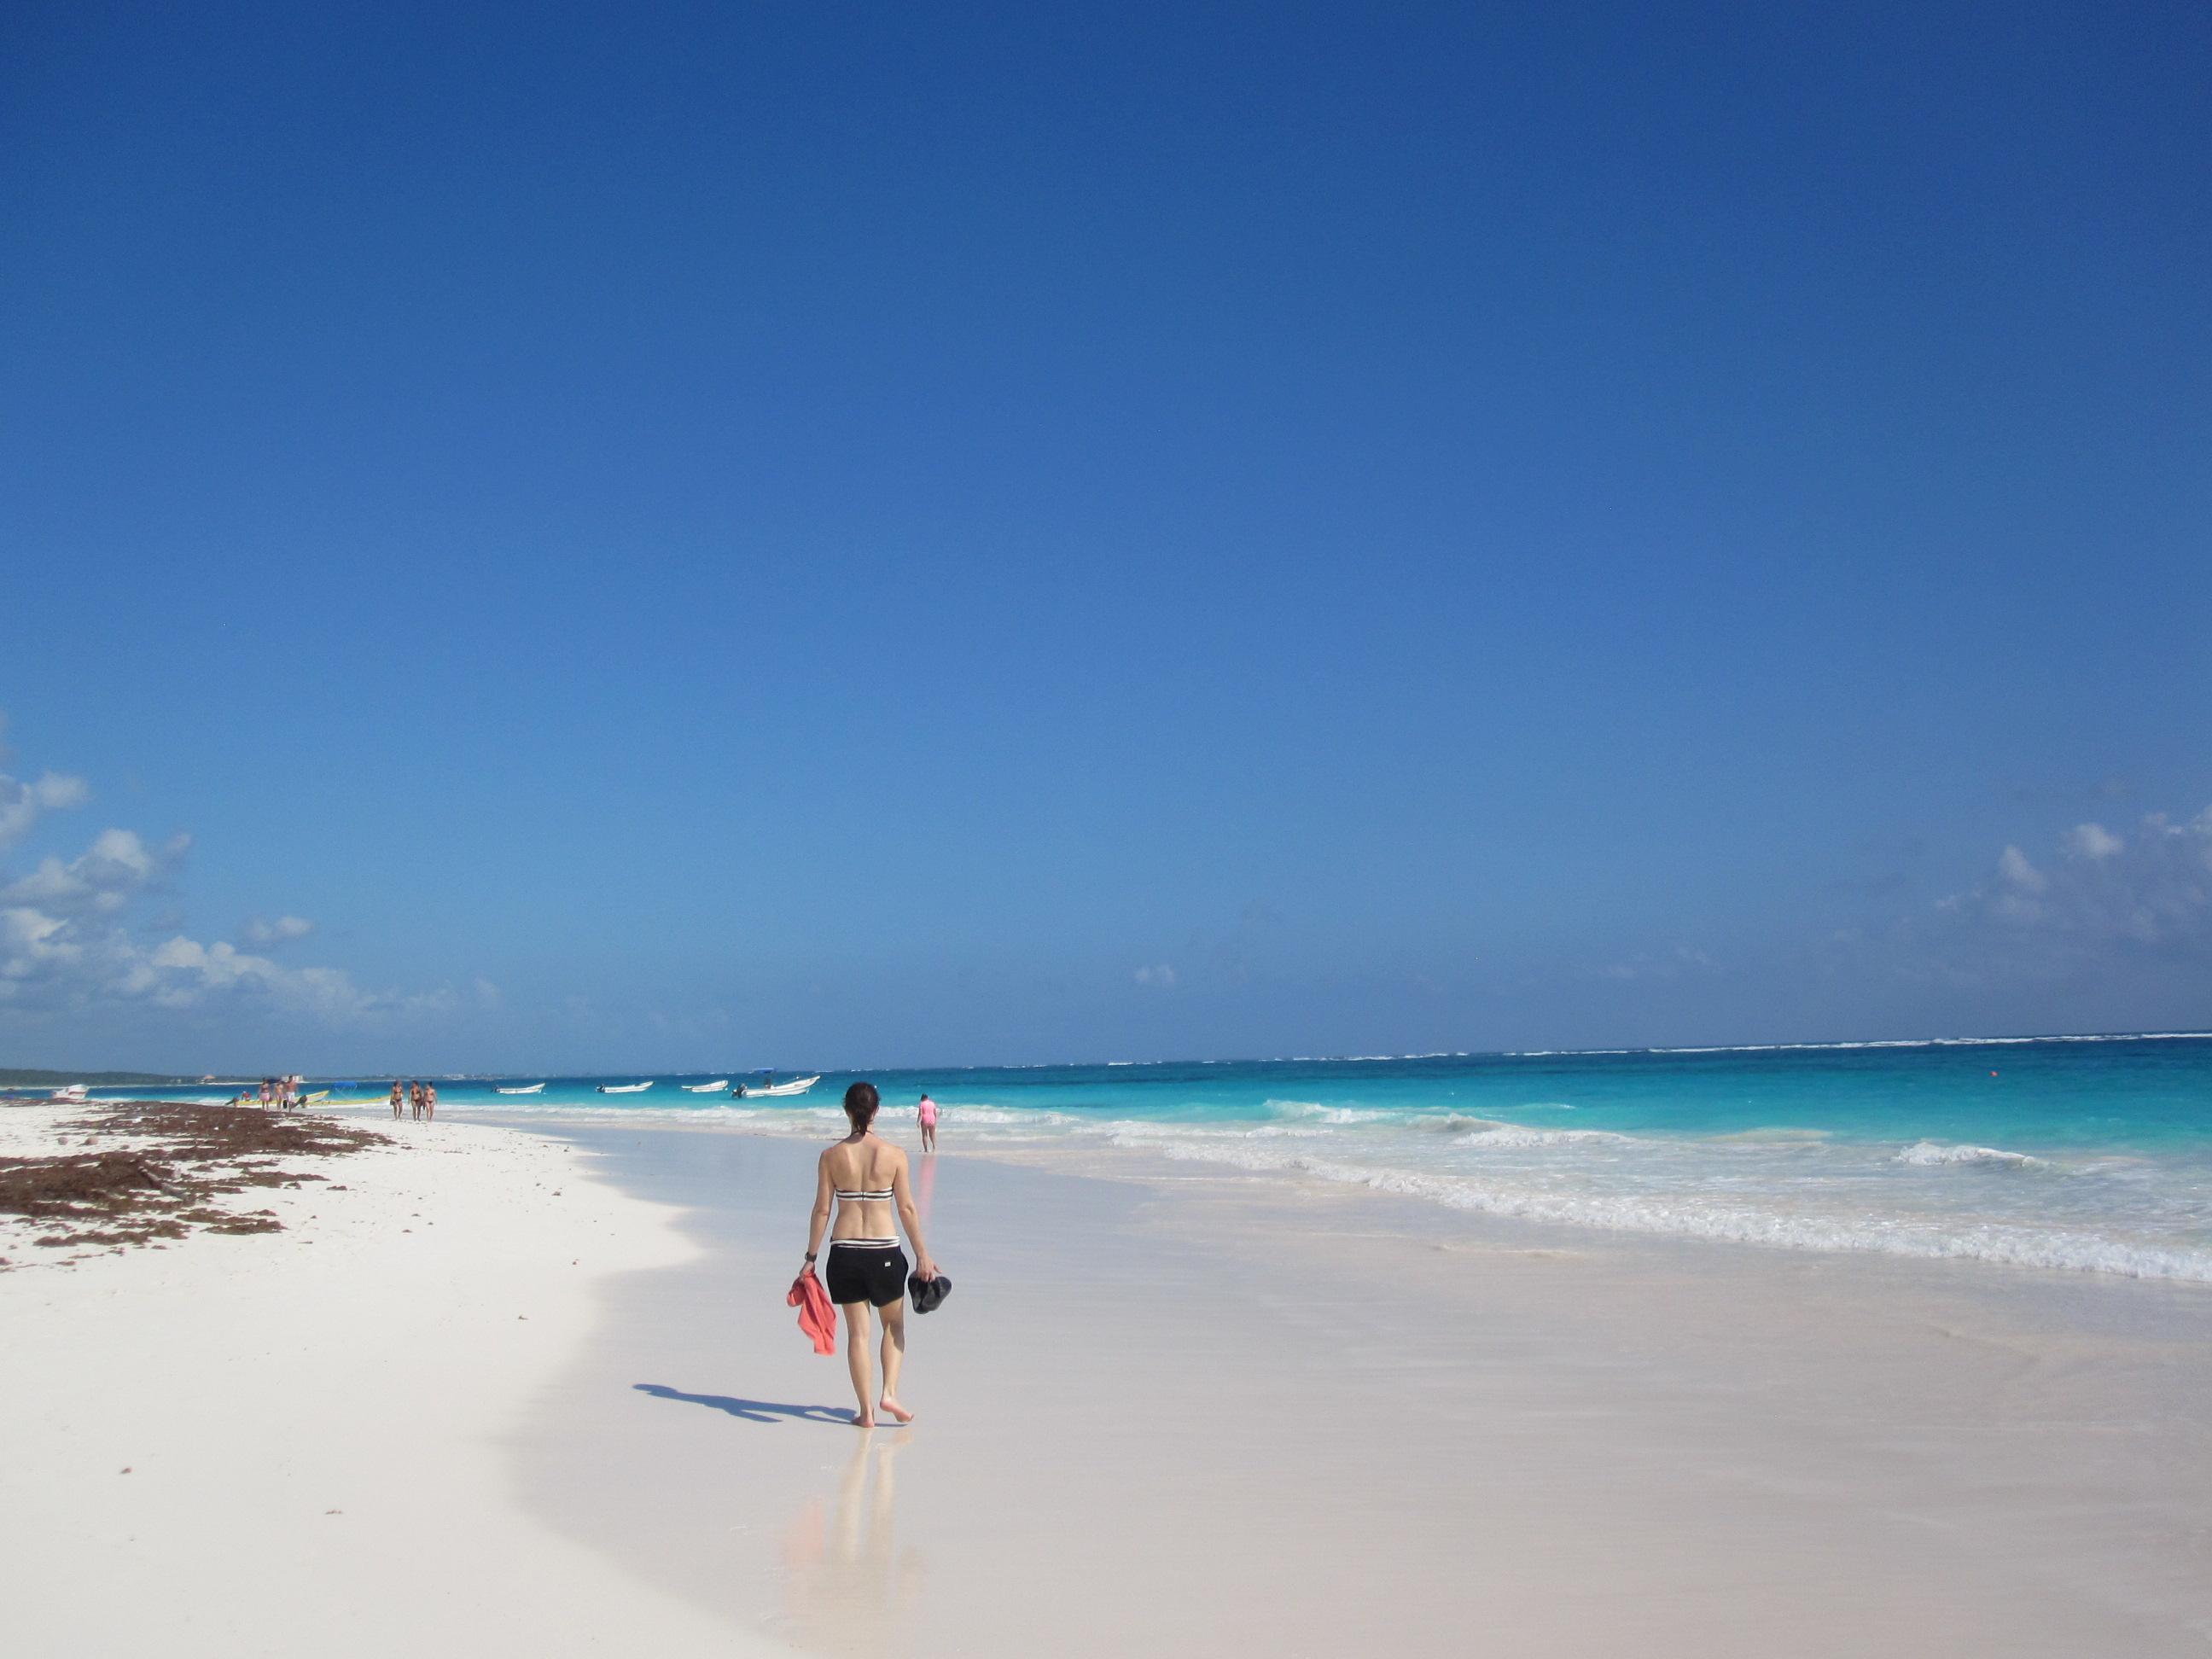 Now that's a beach